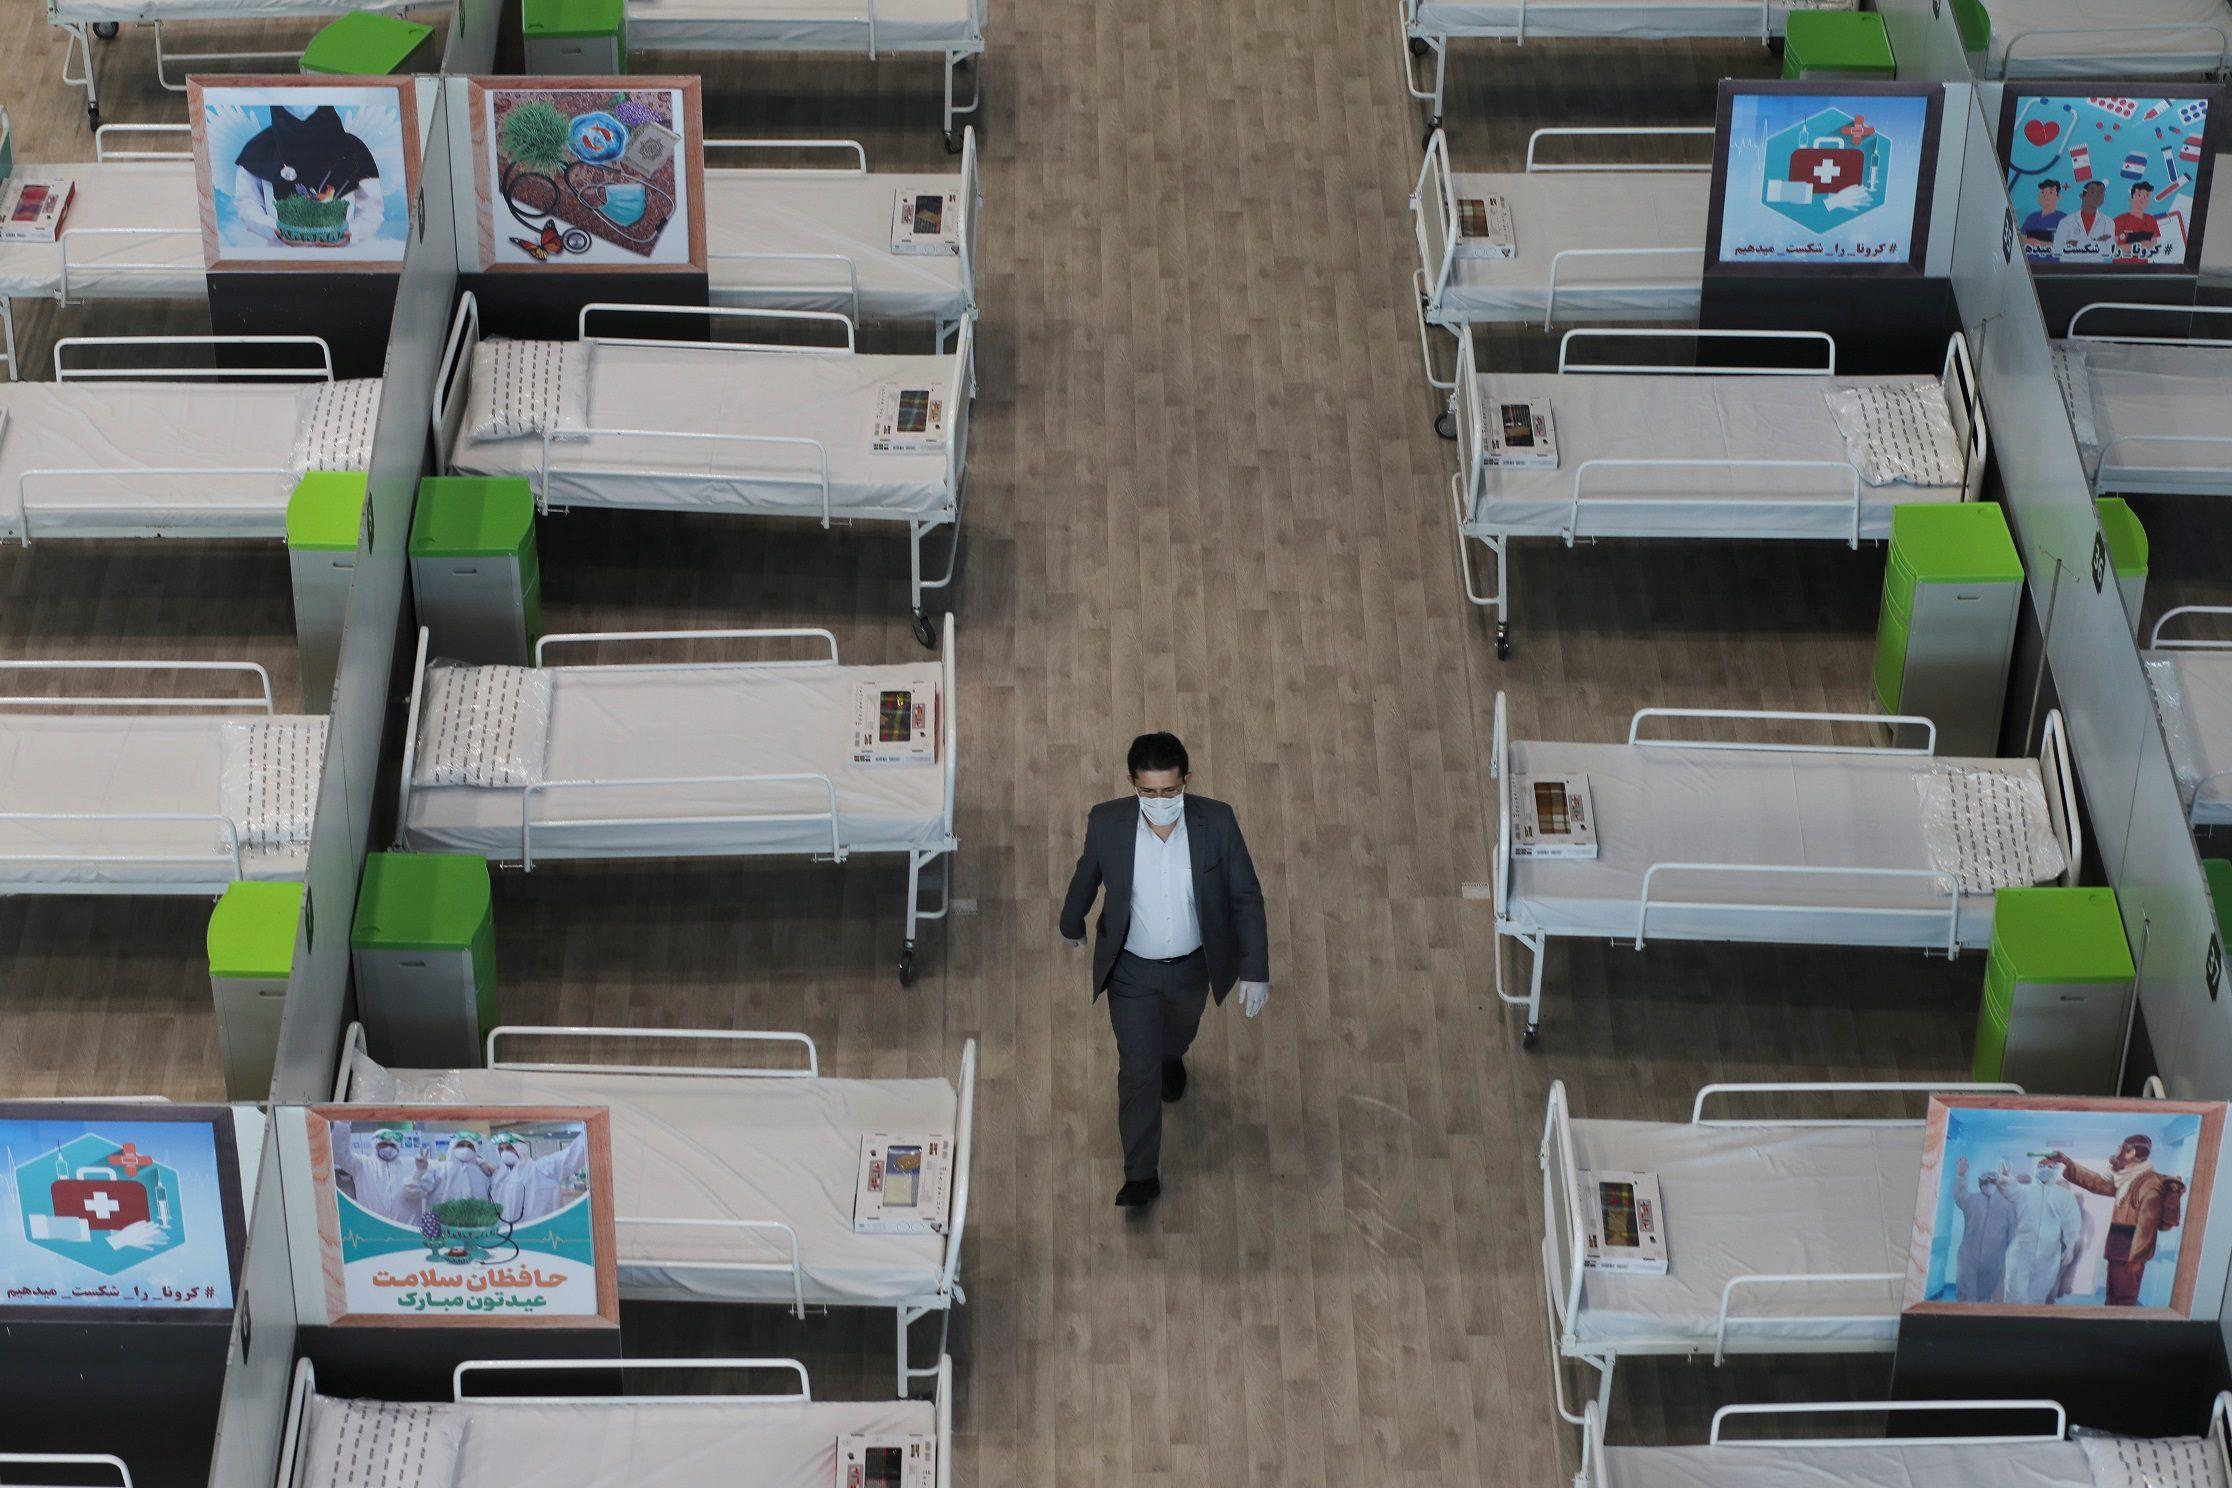 อิหร่าน ยังสาหัส มีผู้เสียชีวิตจาก โควิด-19 วันเดียวเพิ่มขึ้น 117 ราย